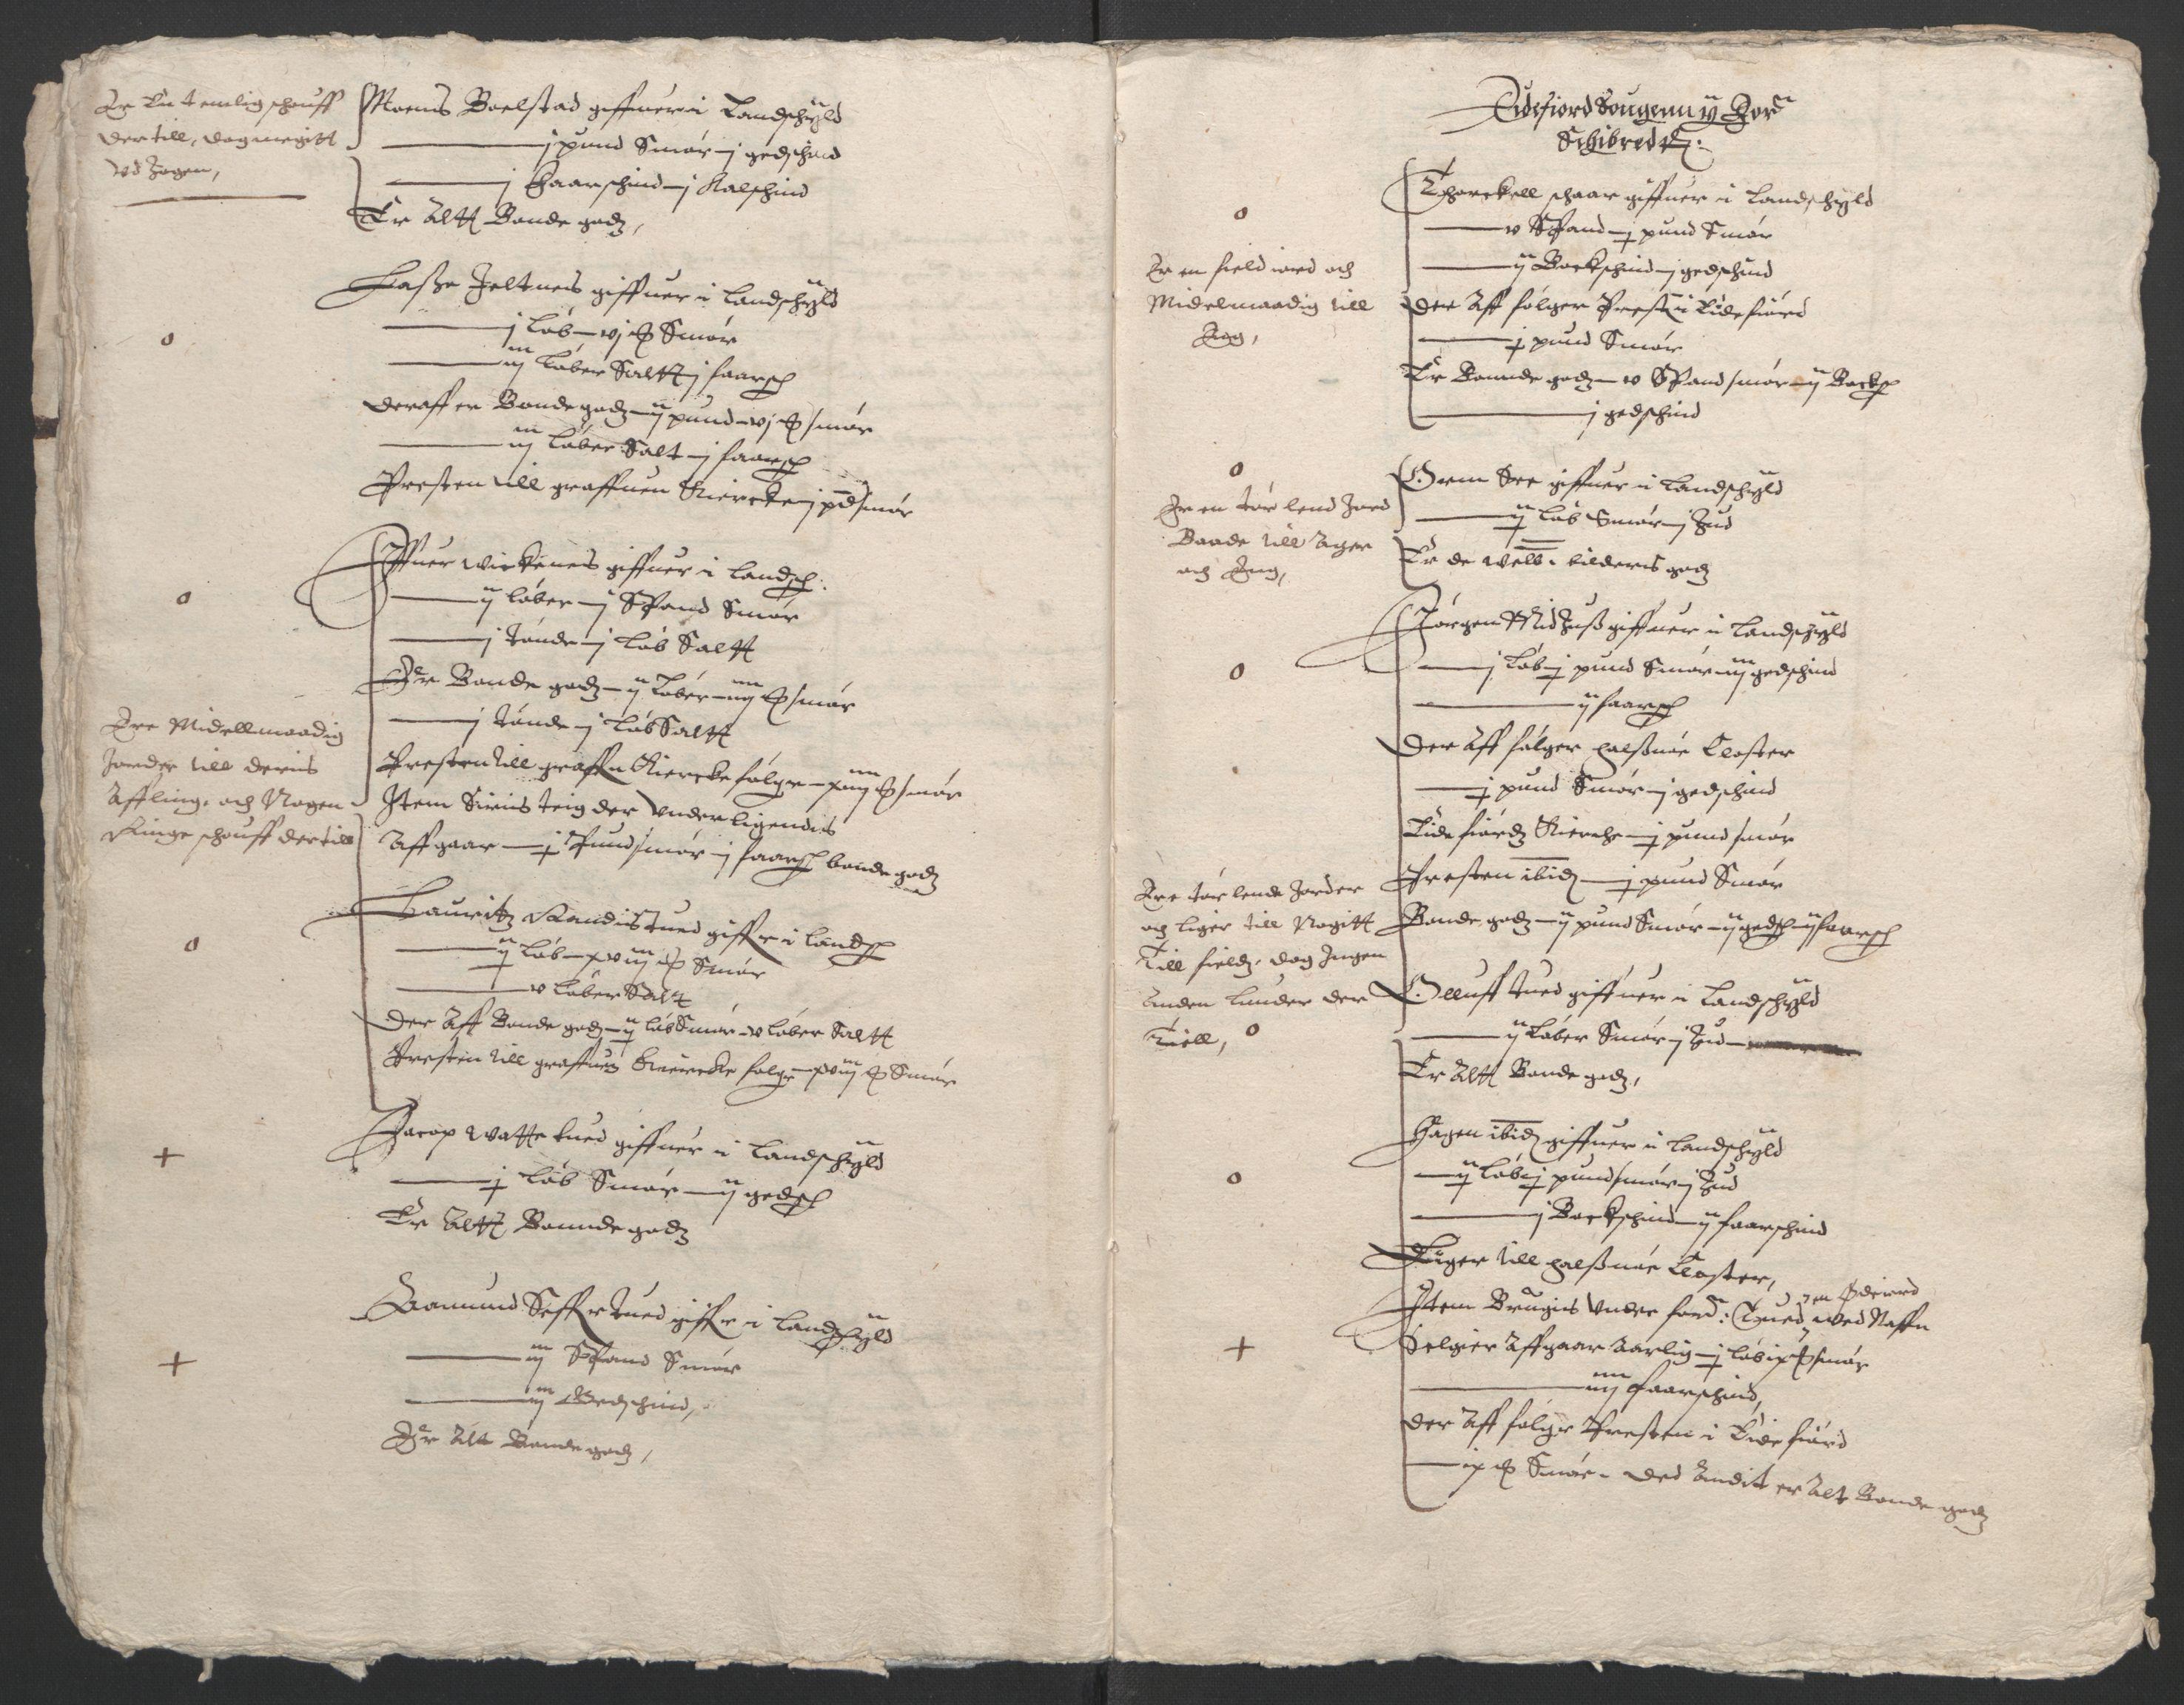 RA, Stattholderembetet 1572-1771, Ek/L0004: Jordebøker til utlikning av garnisonsskatt 1624-1626:, 1626, s. 239